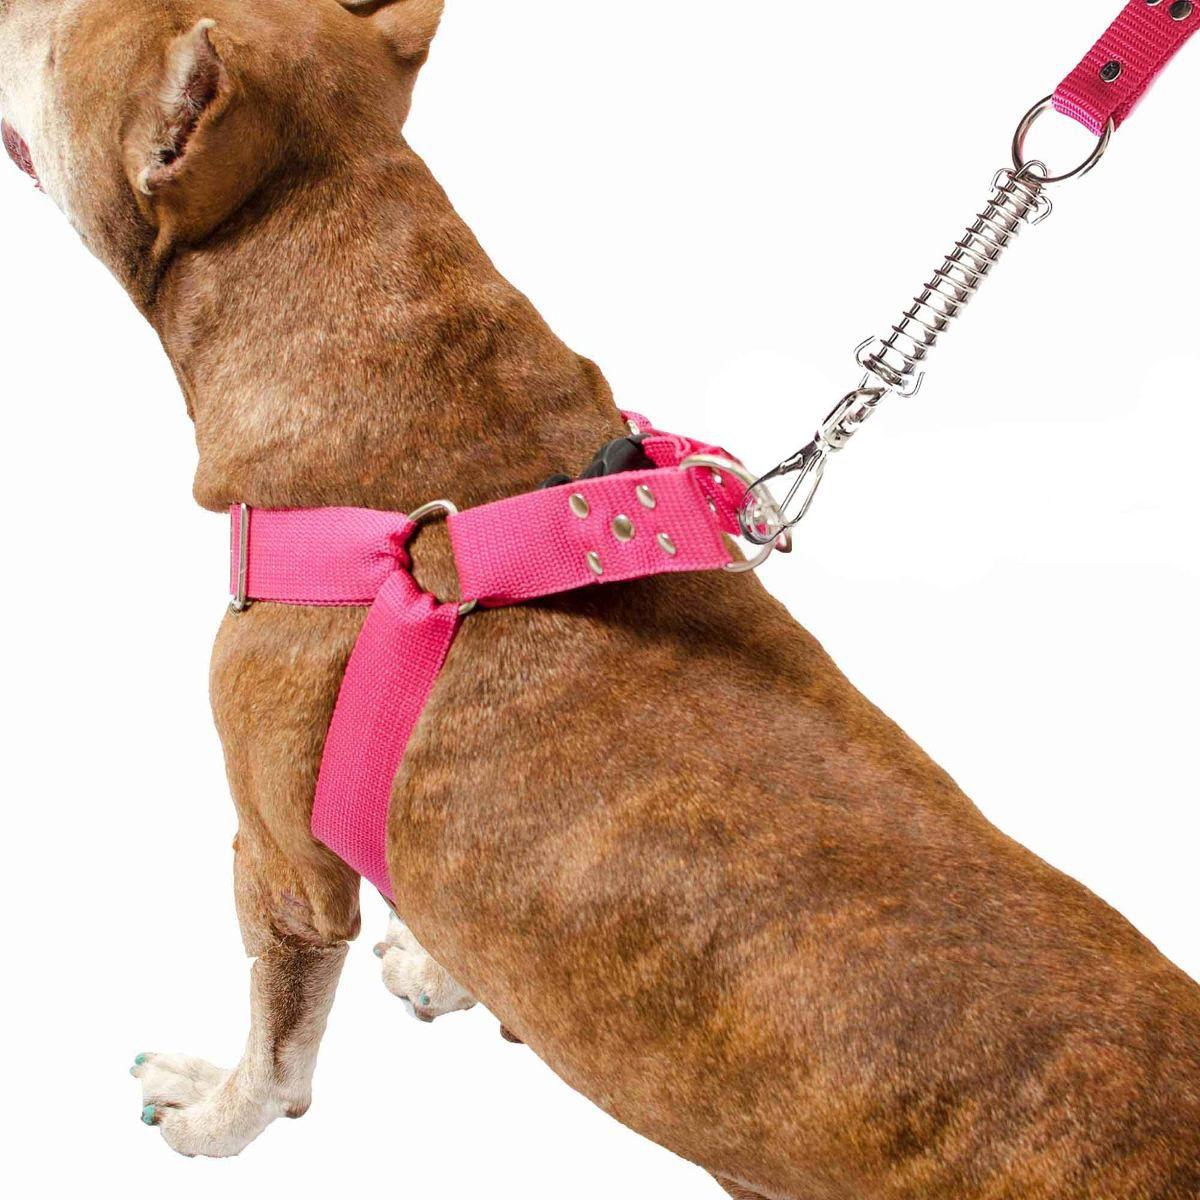 Coleira Peitoral Guia Cinto Segurança Cachorro Doberman Pitbull Anti Puxao - G Rosa